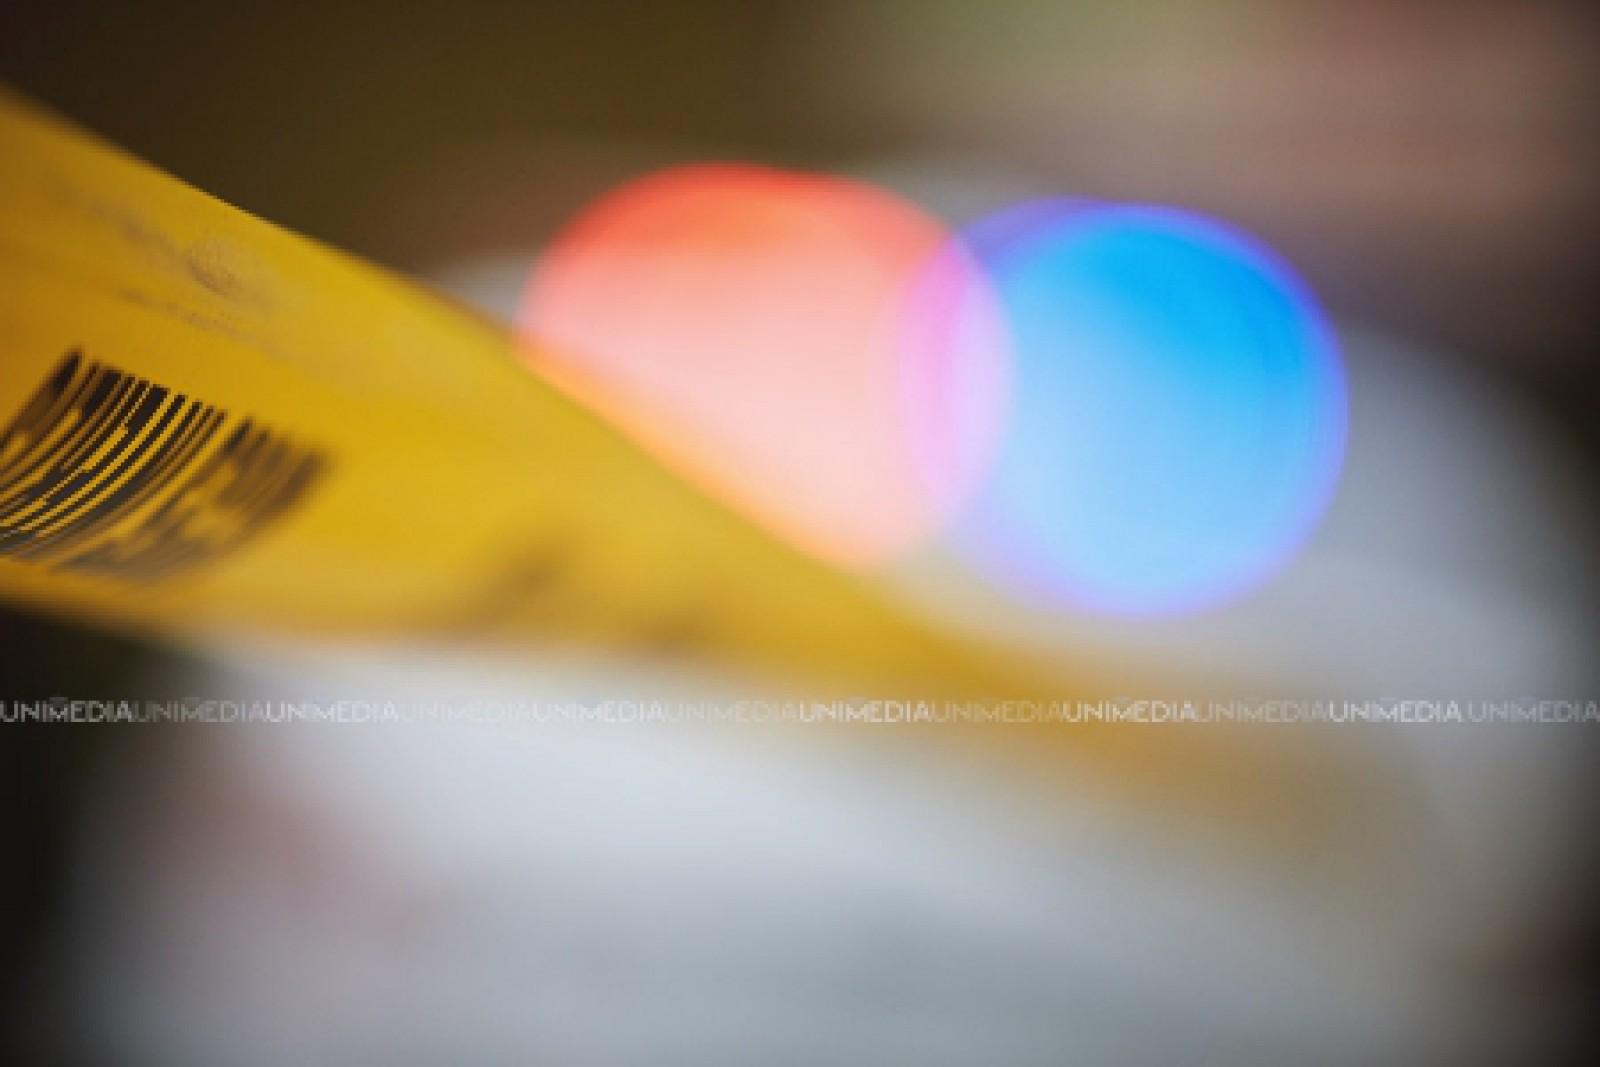 Crima de la Grătiești: A fost reținut un suspect în cazul tinerei de 20 de ani, găsită moartă într-o geantă pe malul iazului. Bănuitul riscă detenție pe viață